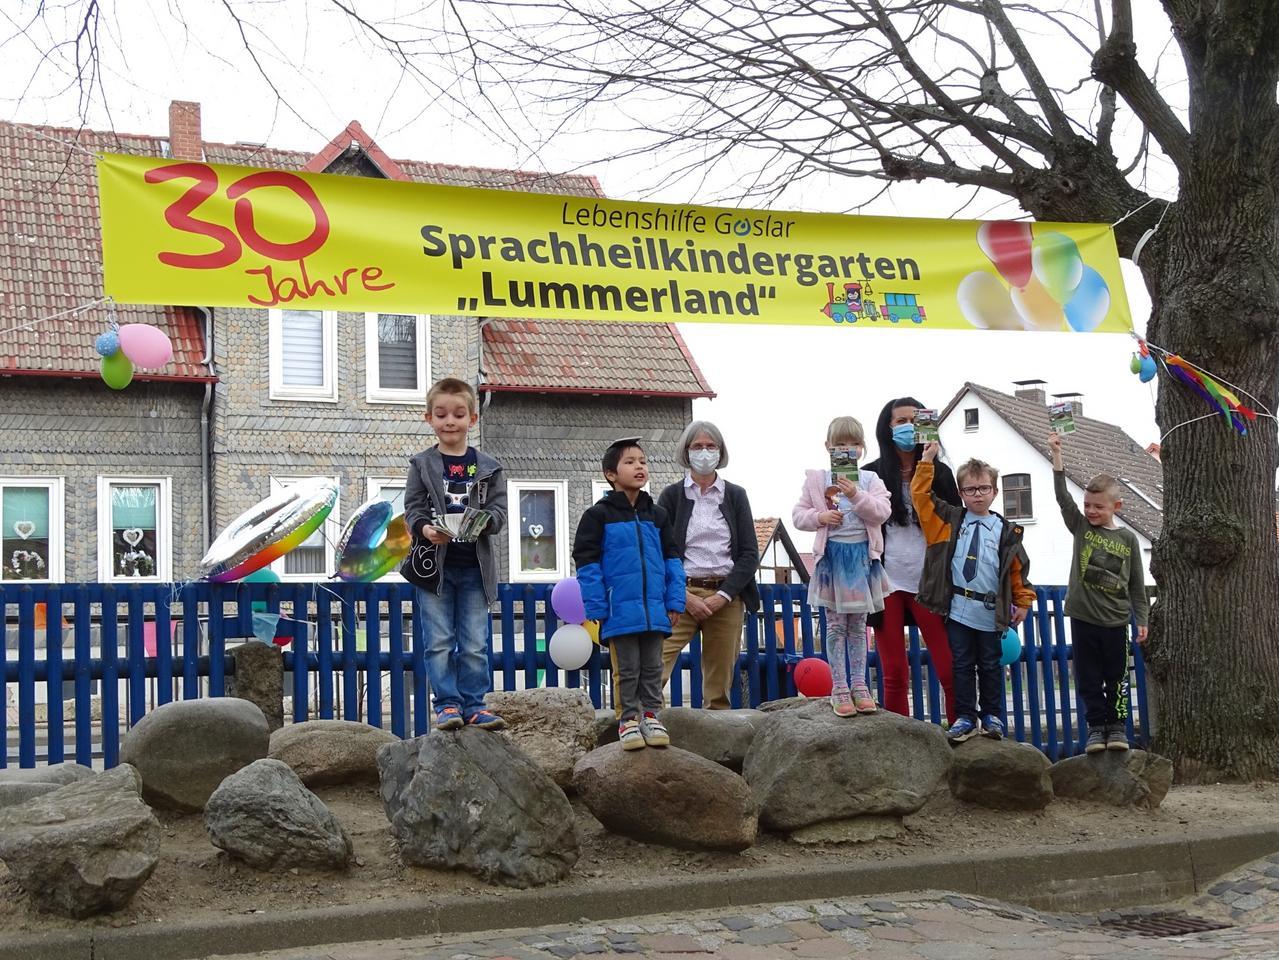 Harzburger Sprachheil-Kita wird 30 Jahre